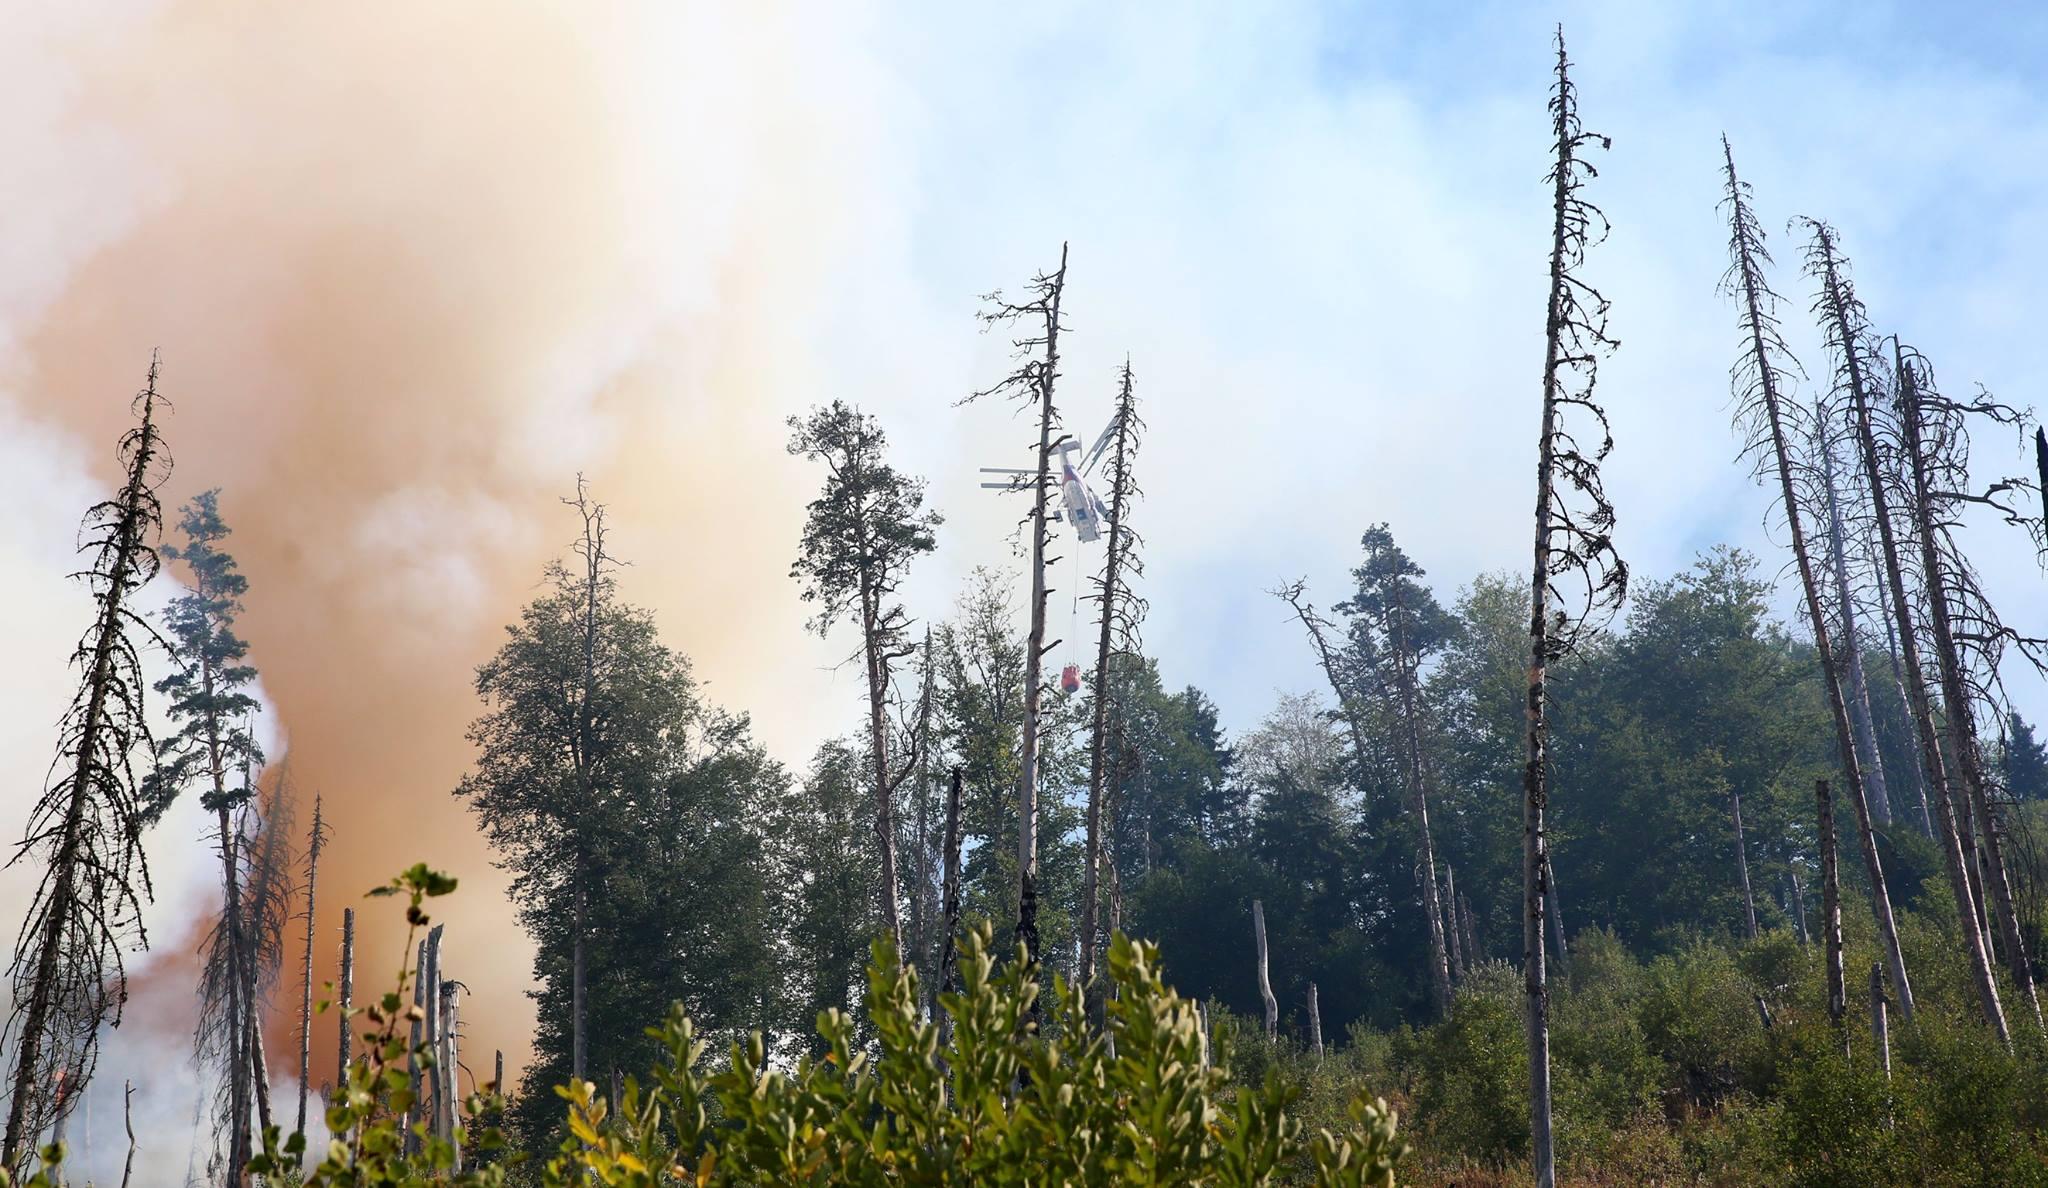 21055006 504003123278050 3250632501886174140 o #новости featured, Боржоми-Харагаульский парк, боржомский лес, вертолеты, Грузия, пожар, помощь